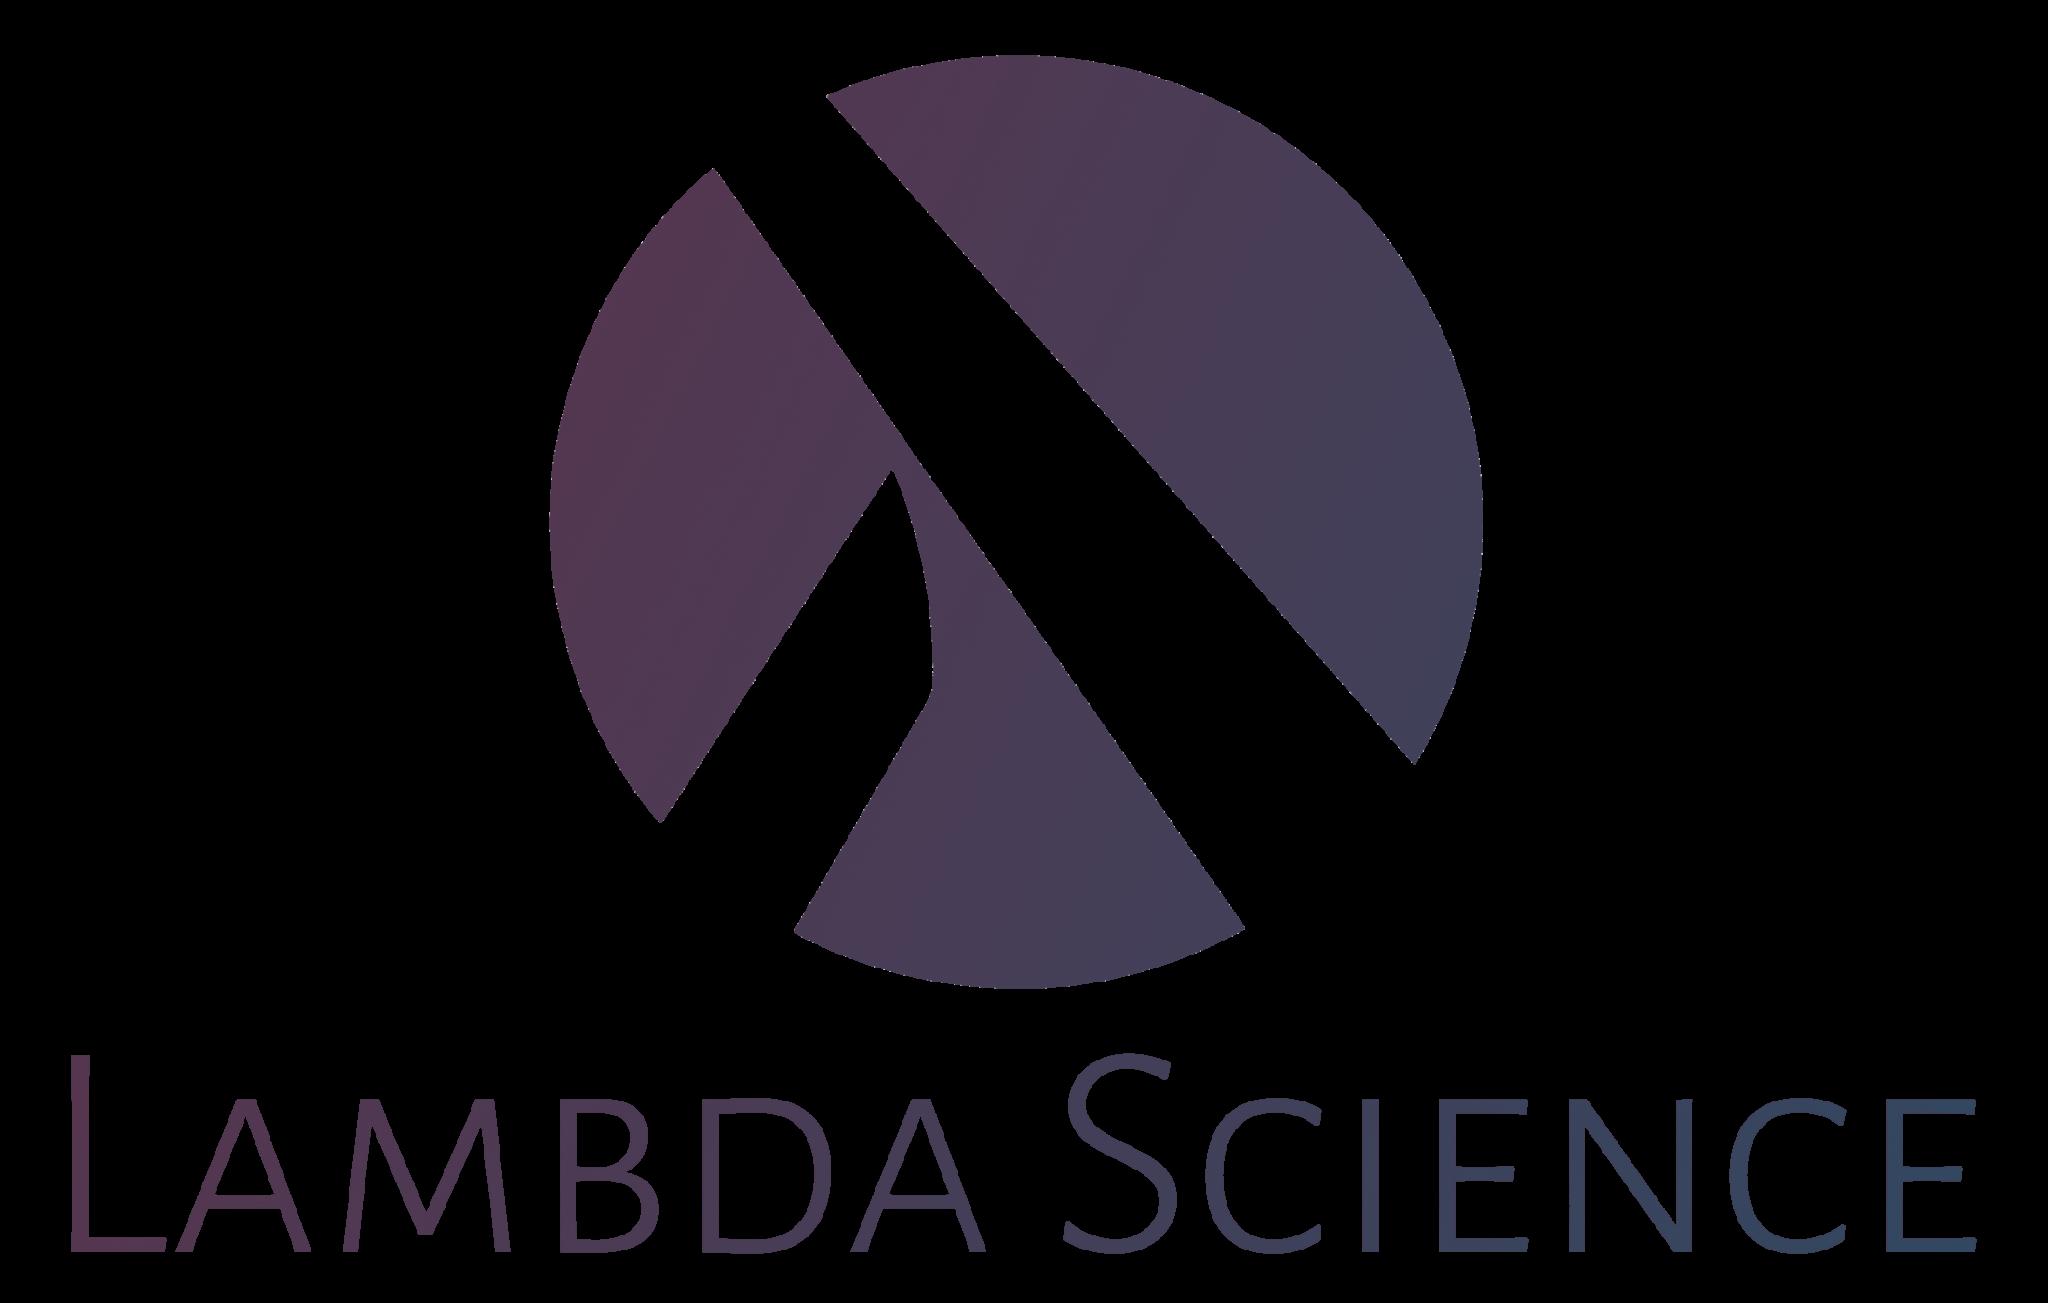 Lamba Science logo